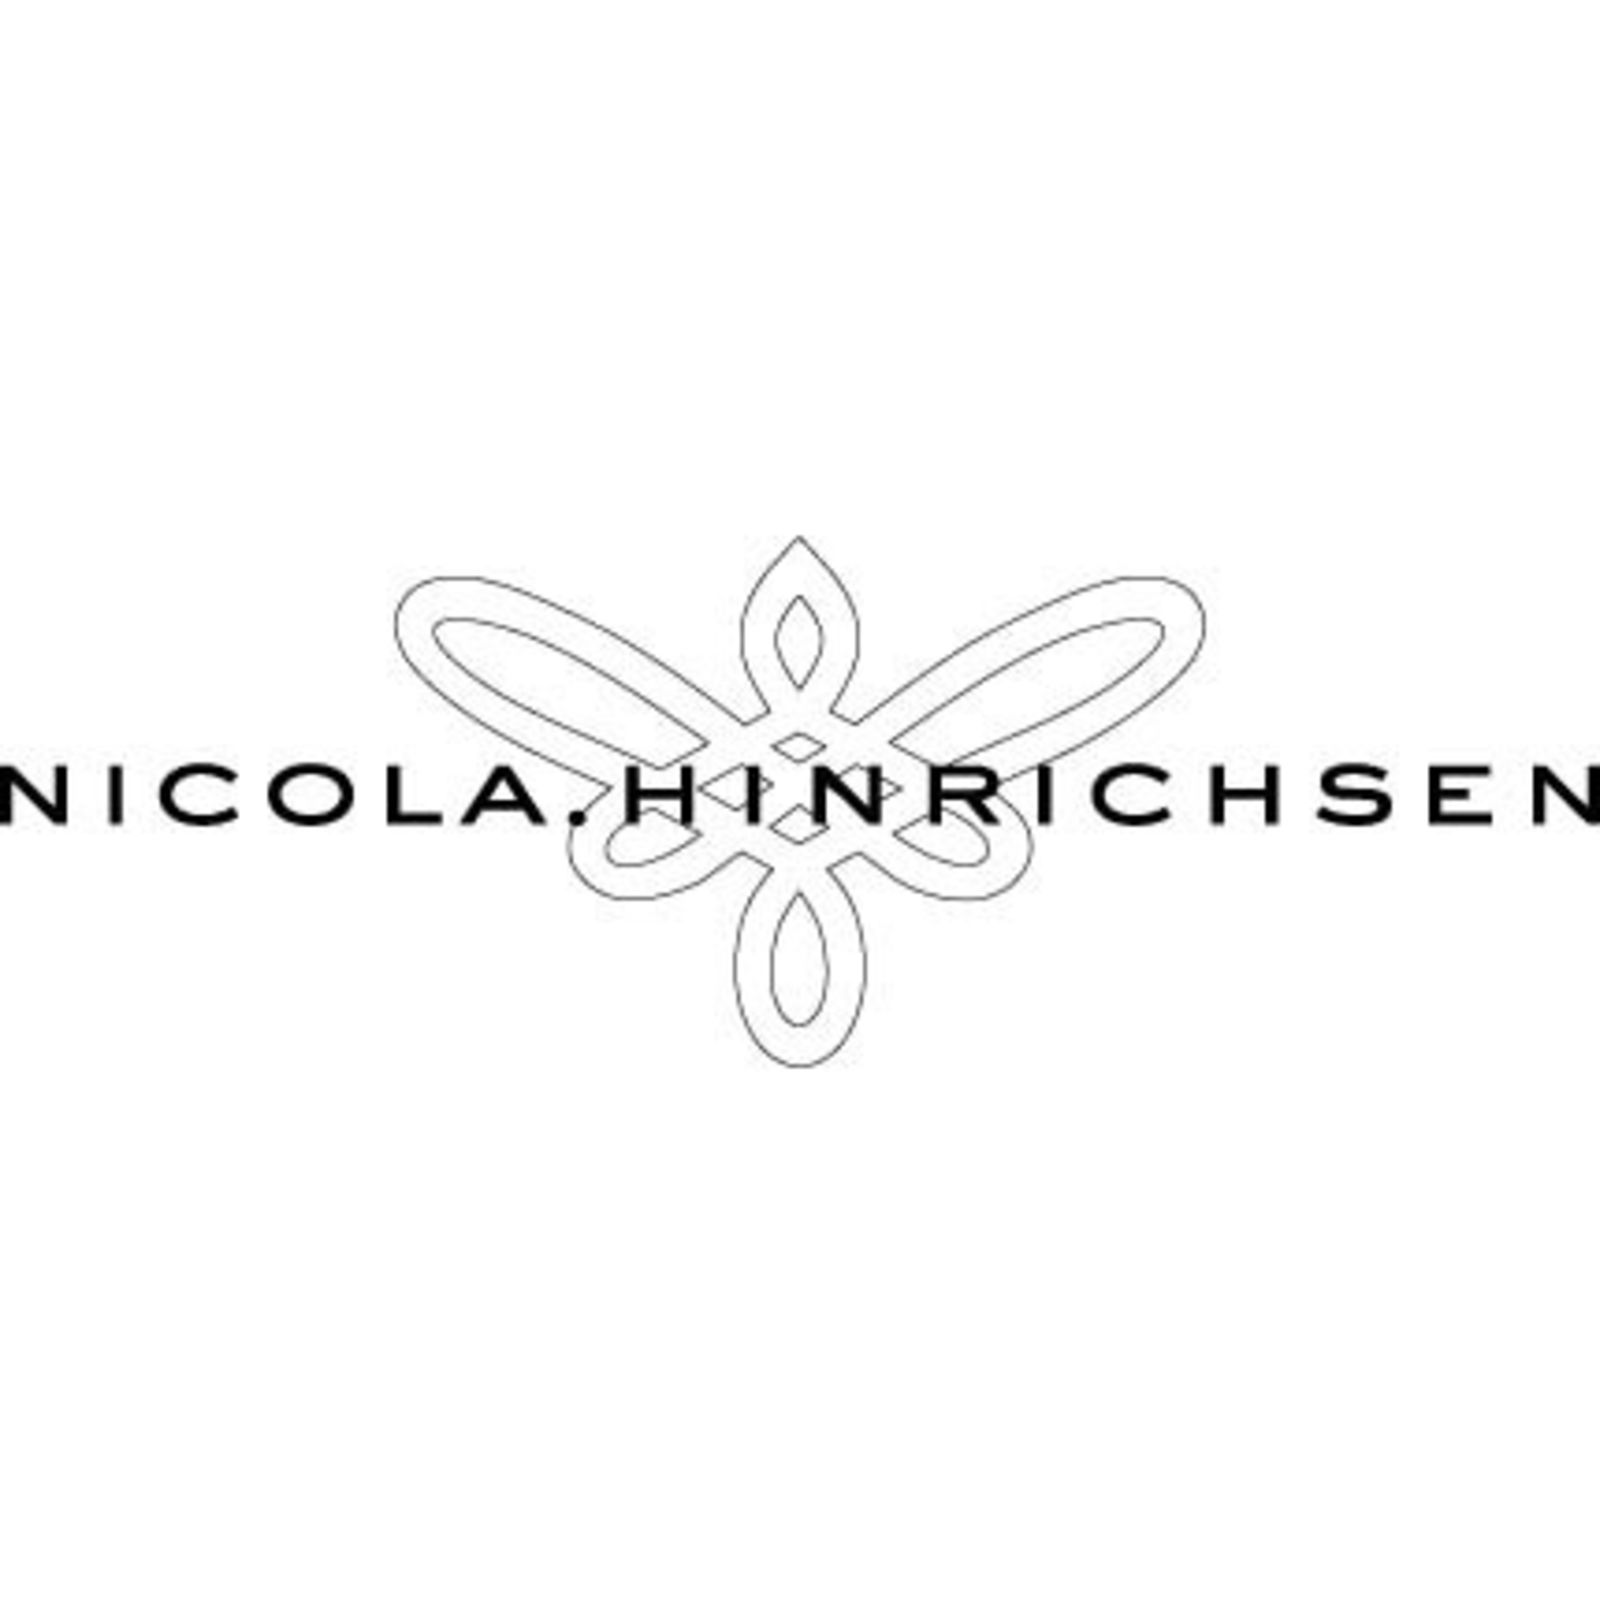 Nicola Hinrichsen